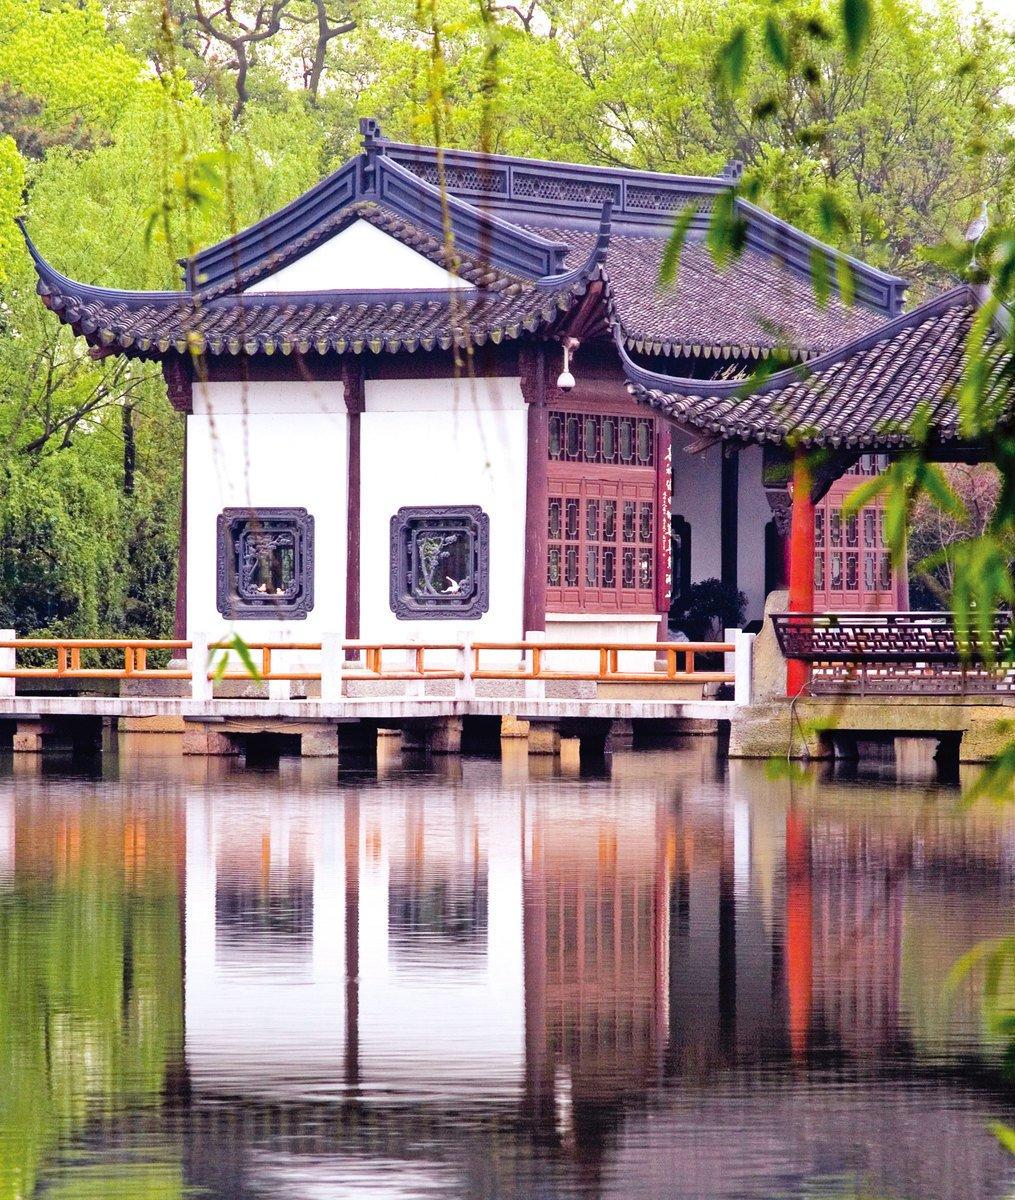 江山與風月,最憶是杭州、是西湖!(Fotolia)